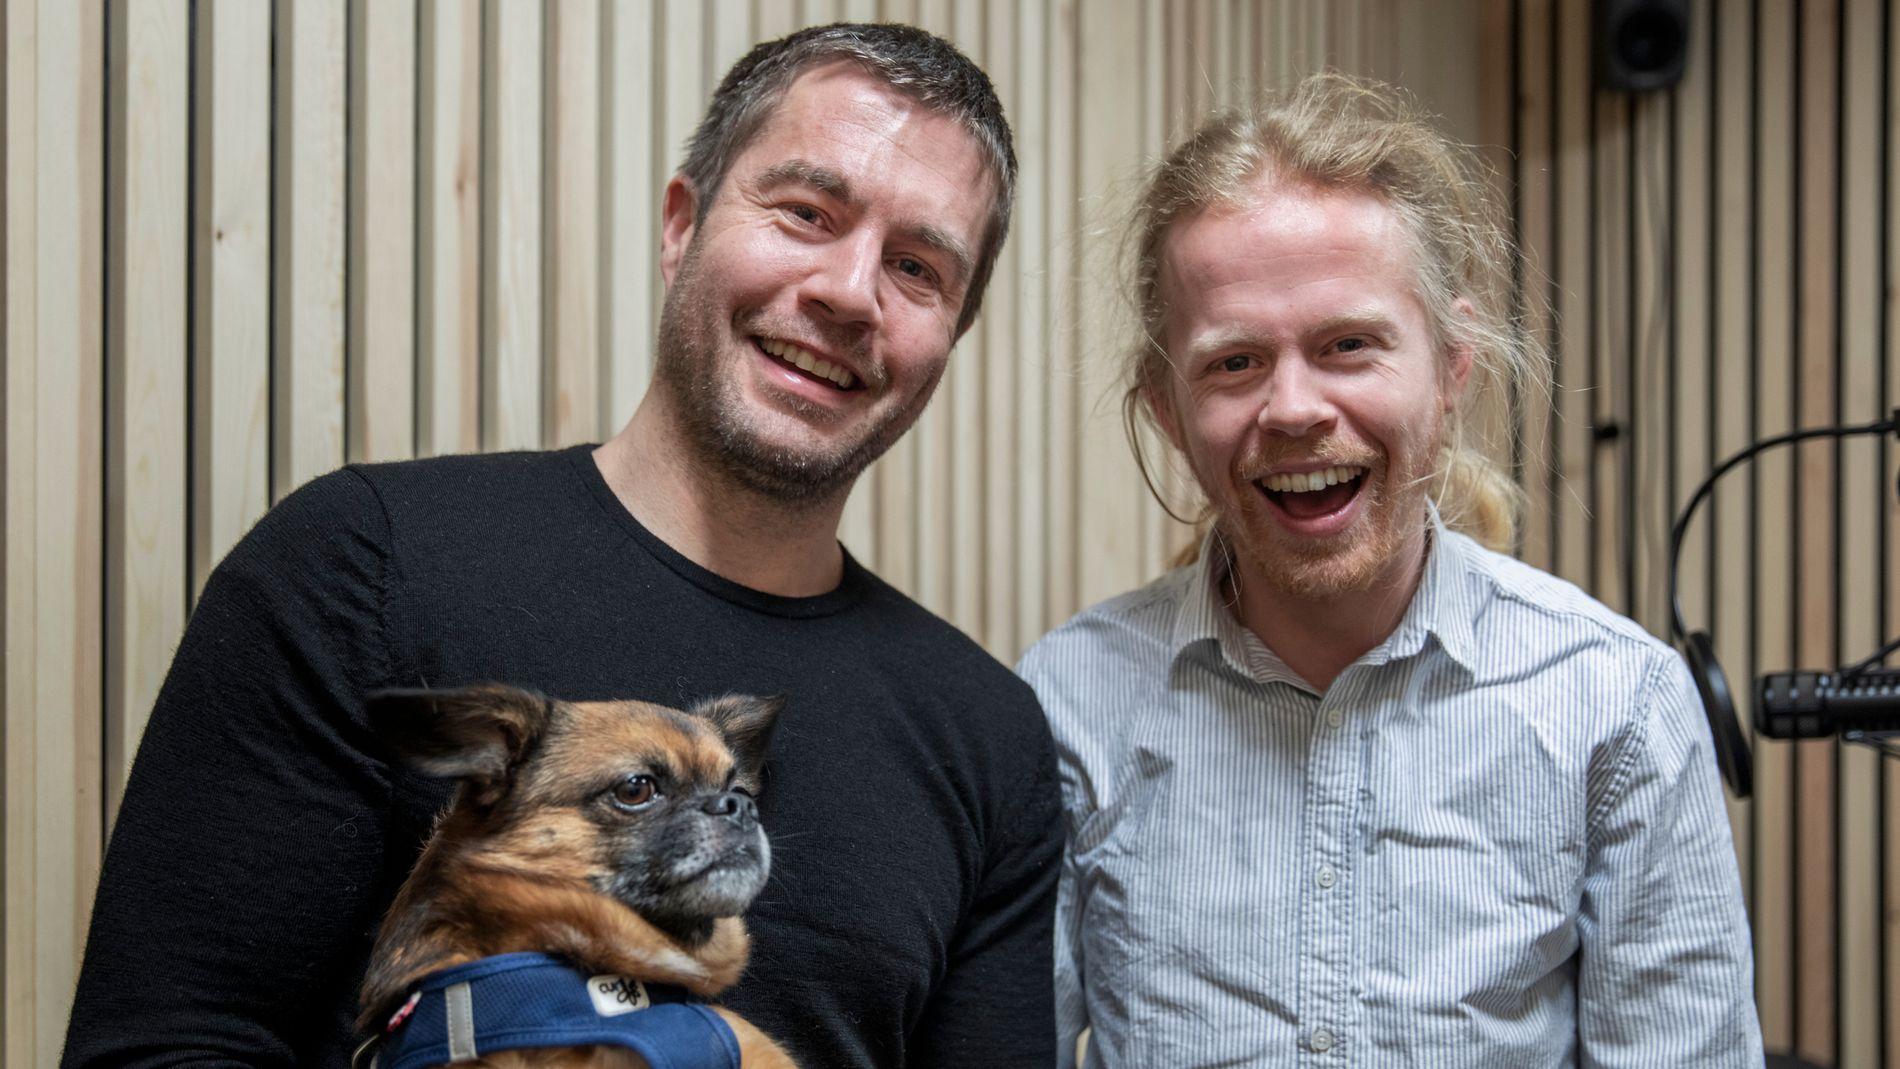 DYRKER GLEDEN: Axel Vindenes (til h.) har akkurat gitt ut boken «The Bible of Joy». Lasse Gallefoss, på sin side, er mannen bak dokumentarserier som «Flukt» og «Uro». Her holder han Axels hund, Alfred.